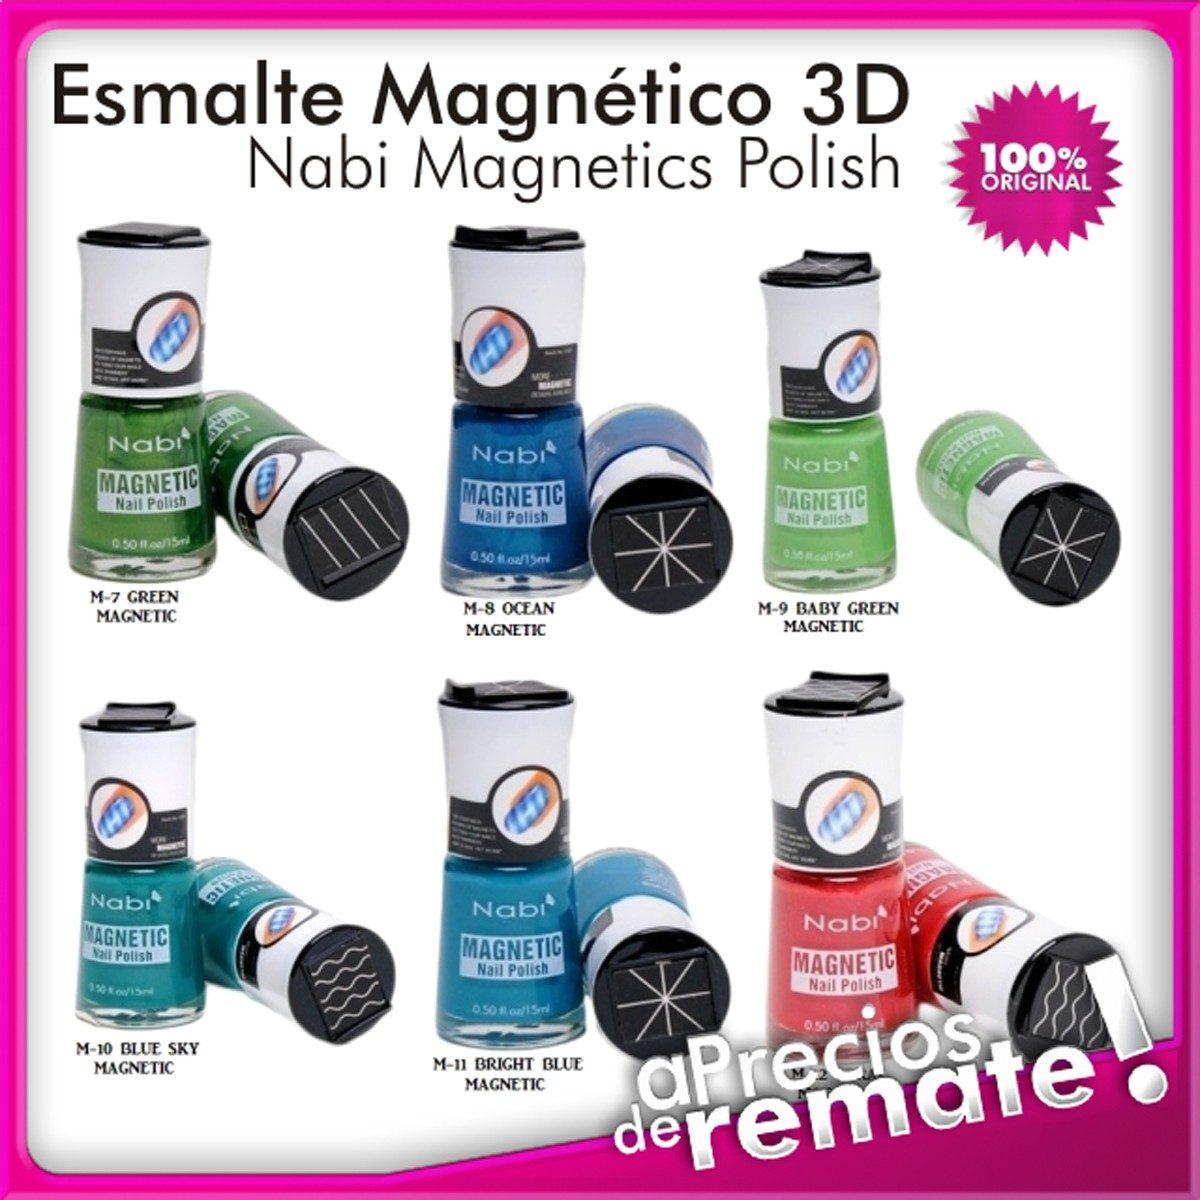 Esmalte Magnético 3d Nabi Tendencia Decoración De Uñas - $ 9.990 en ...